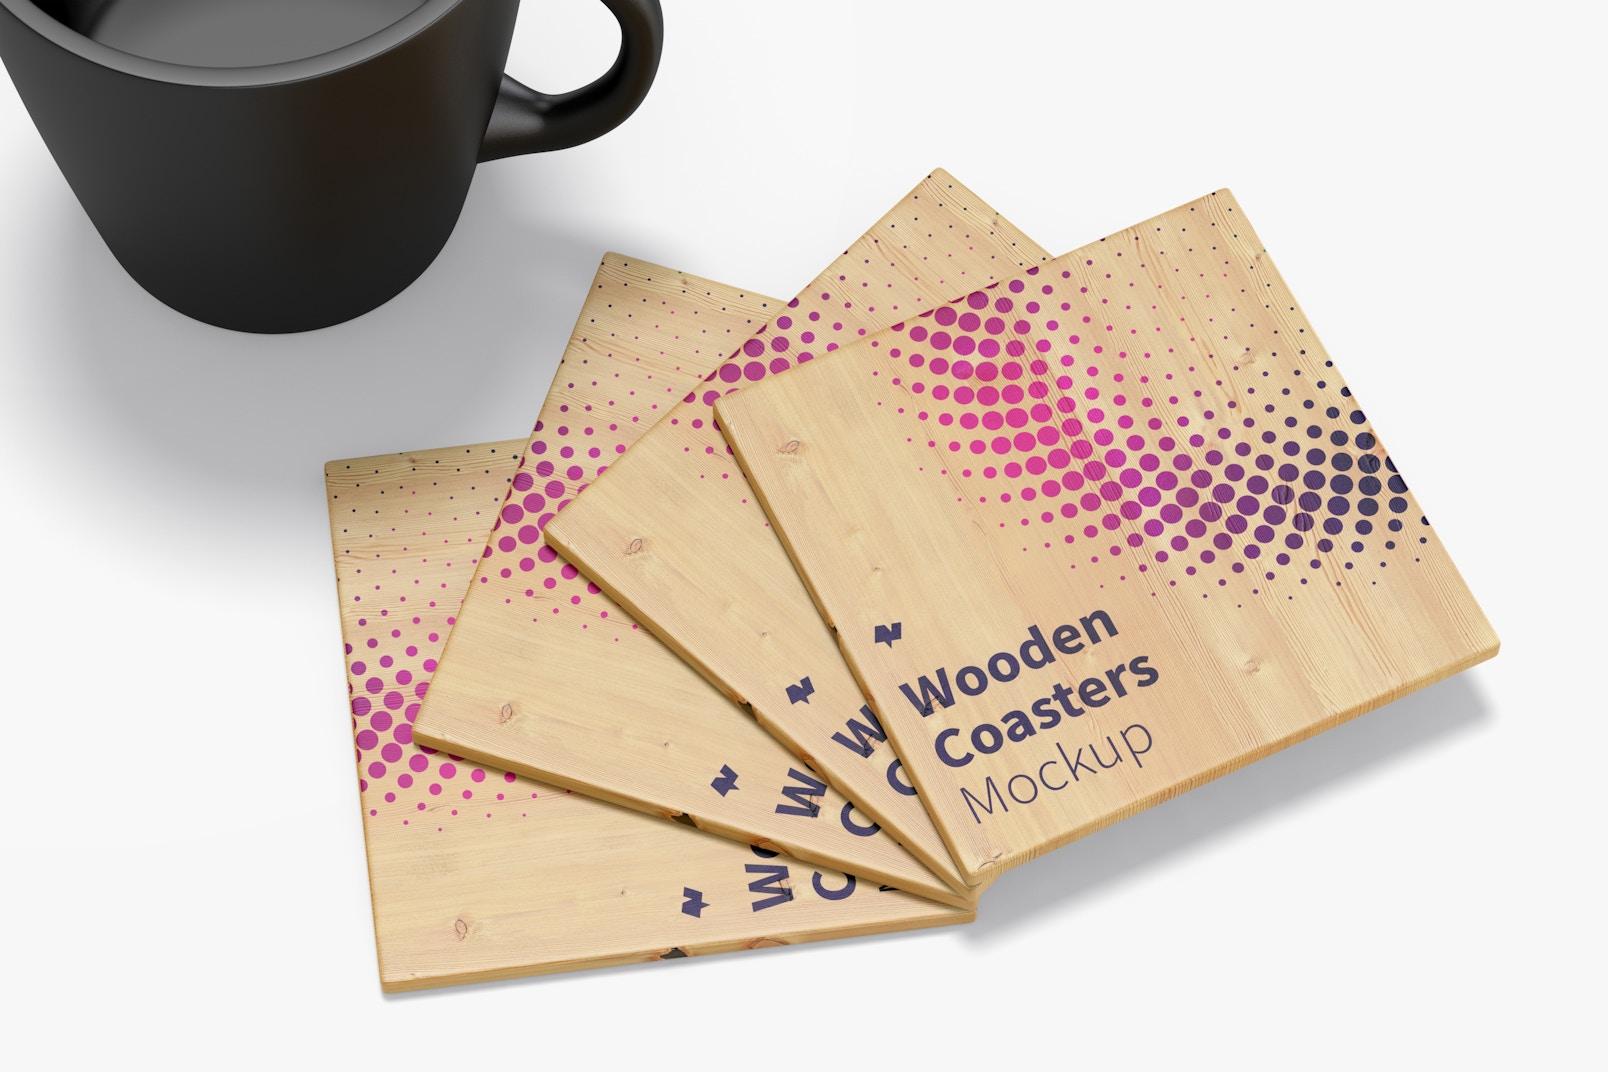 Wooden Coasters Mockup, Close-Up